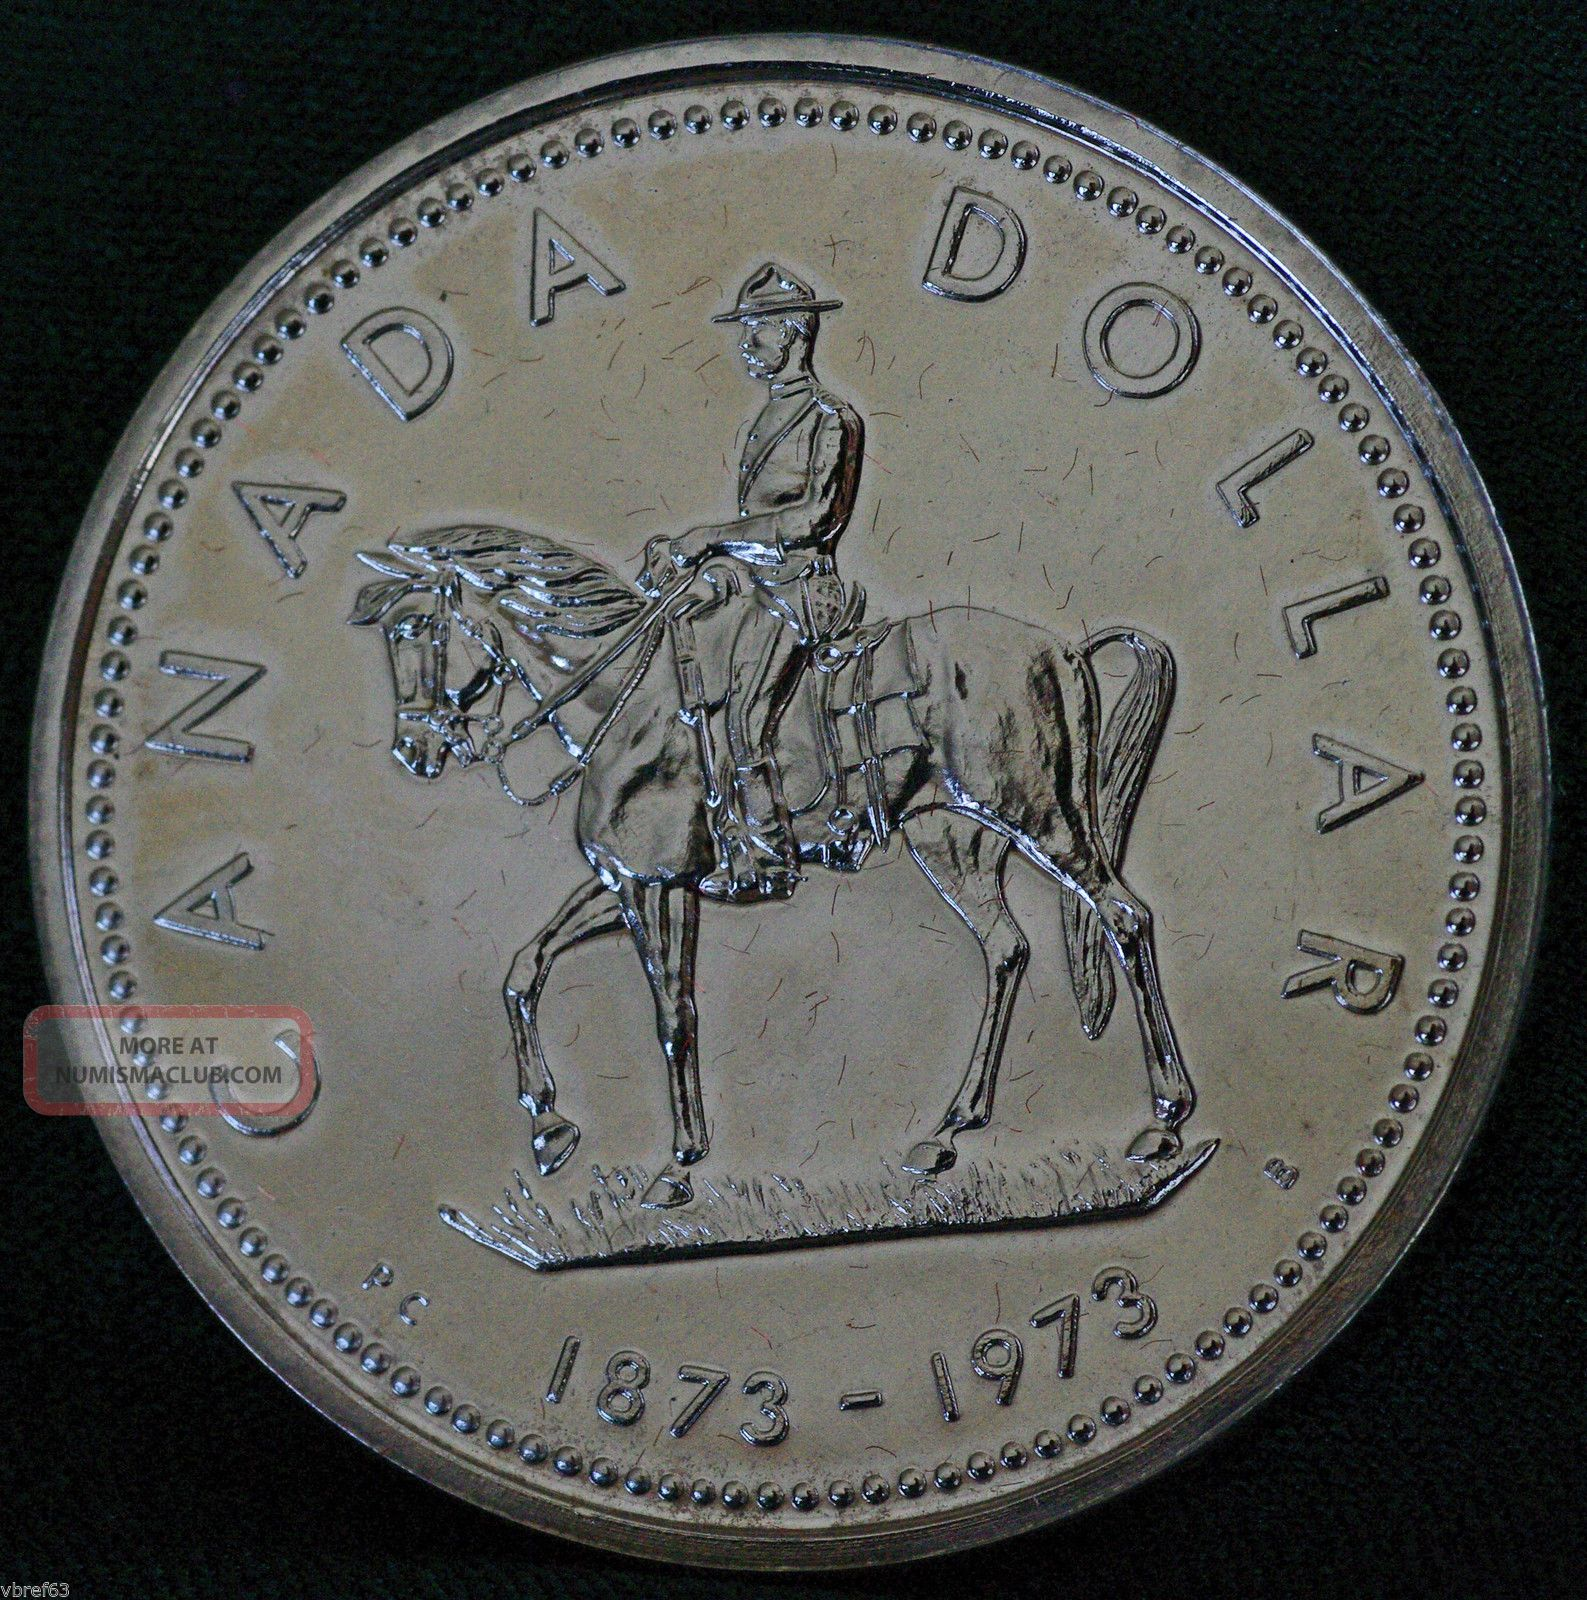 1973 Canada Rcmp Centennial Commemorative Silver Dollar Coins: Canada photo